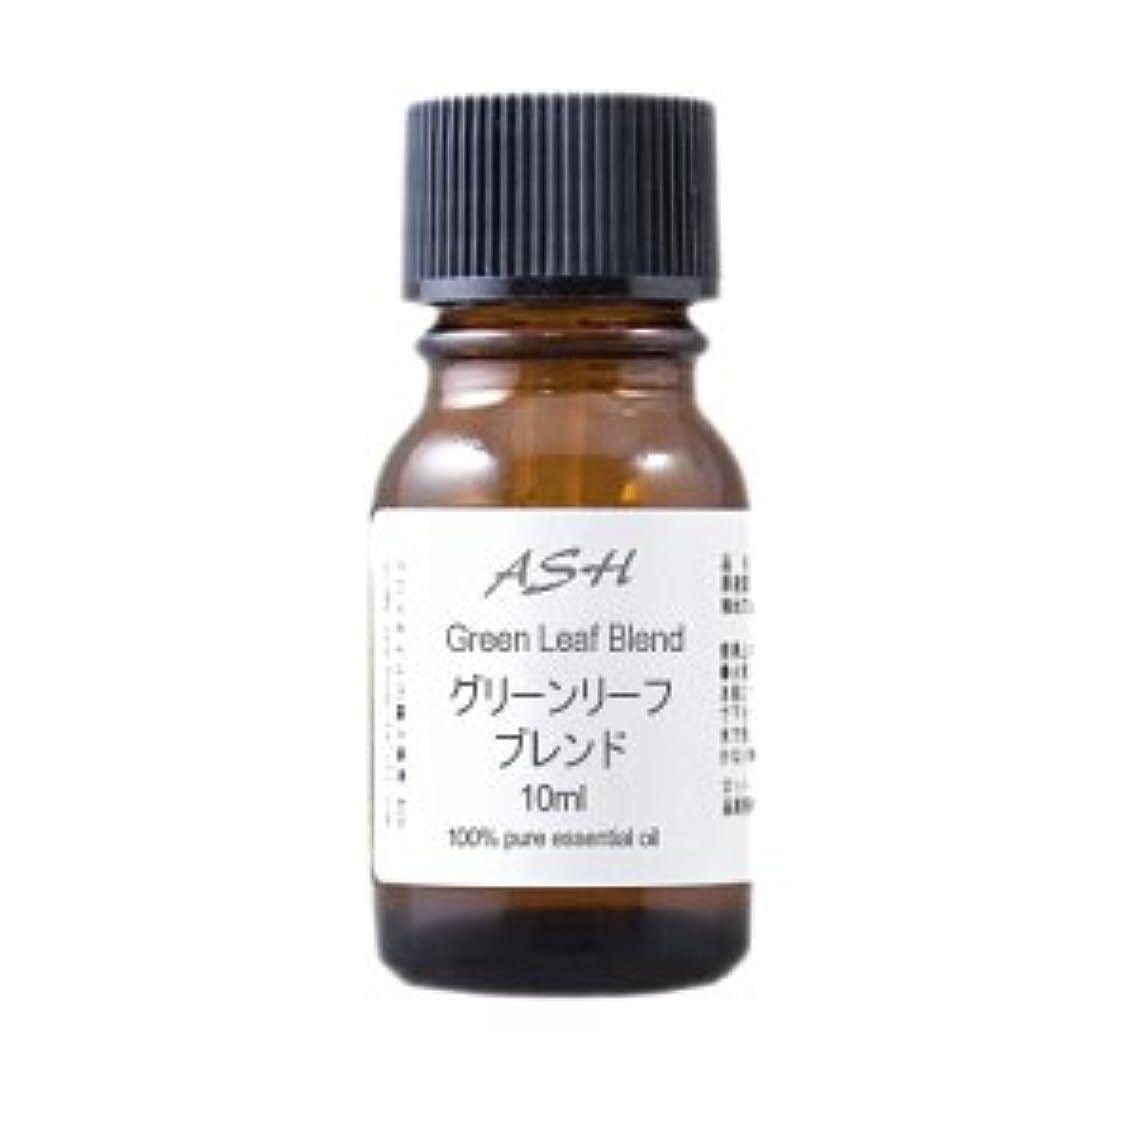 ラジウムアラスカ違反するASH グリーンリーフエッセンシャルオイルブレンド10ml